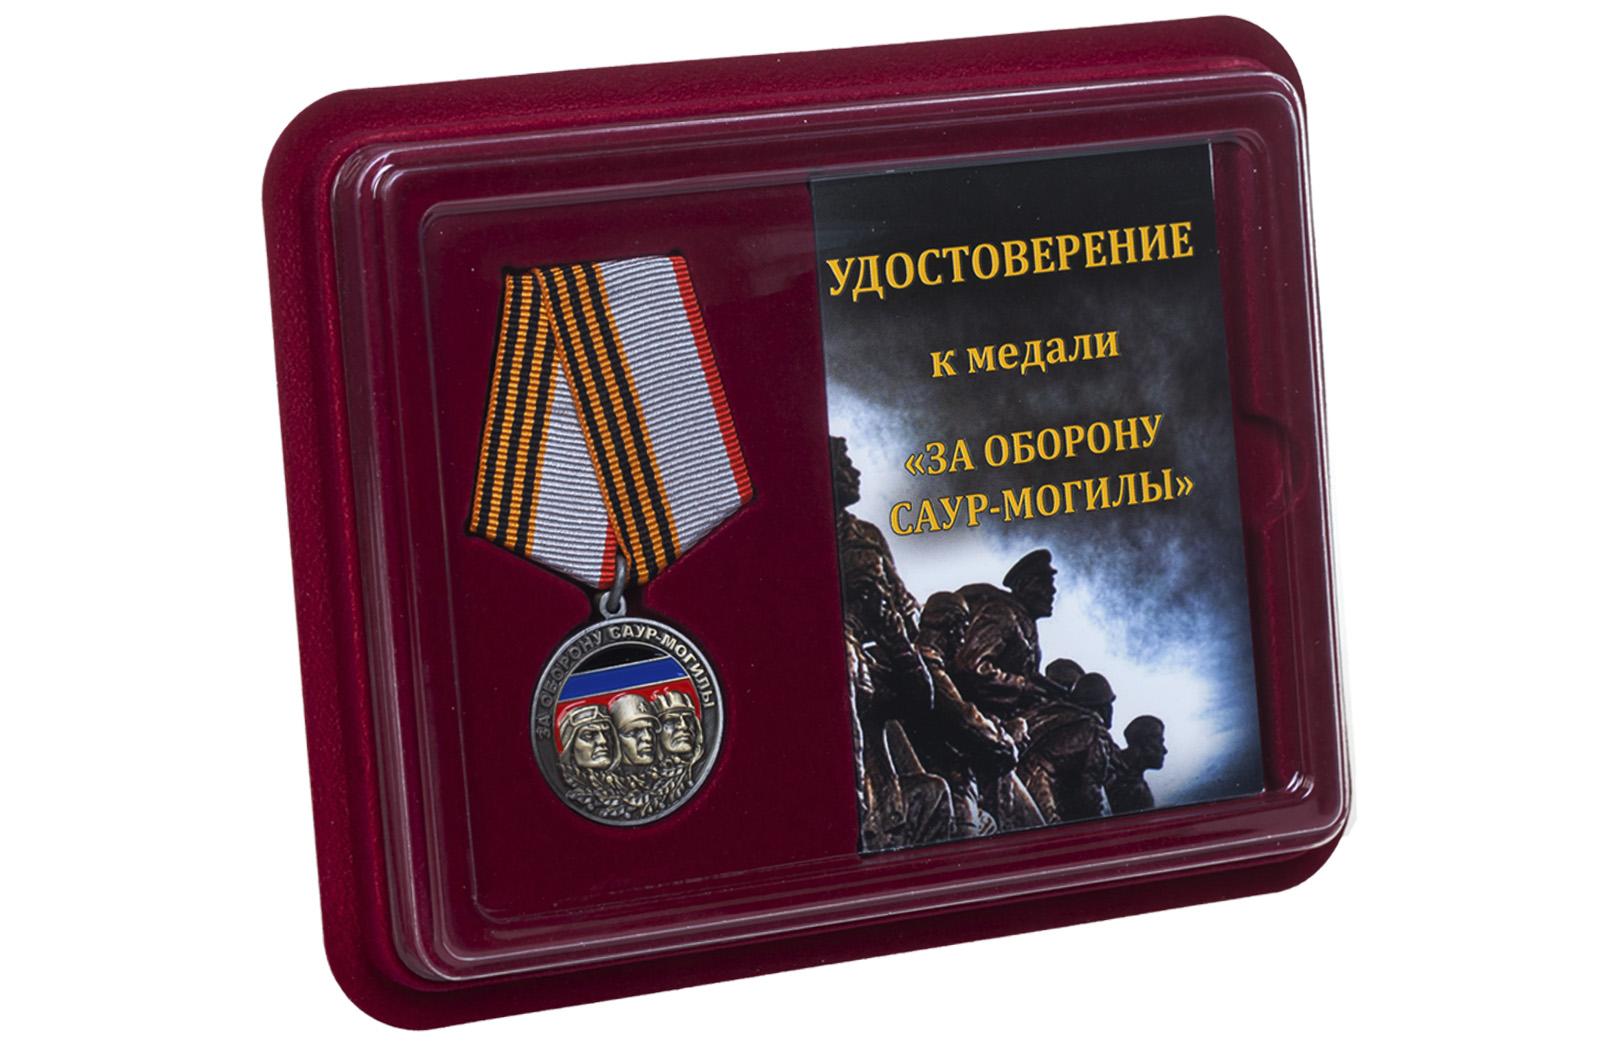 Купить медаль За оборону Саур-Могилы ДНР оптом или в розницу